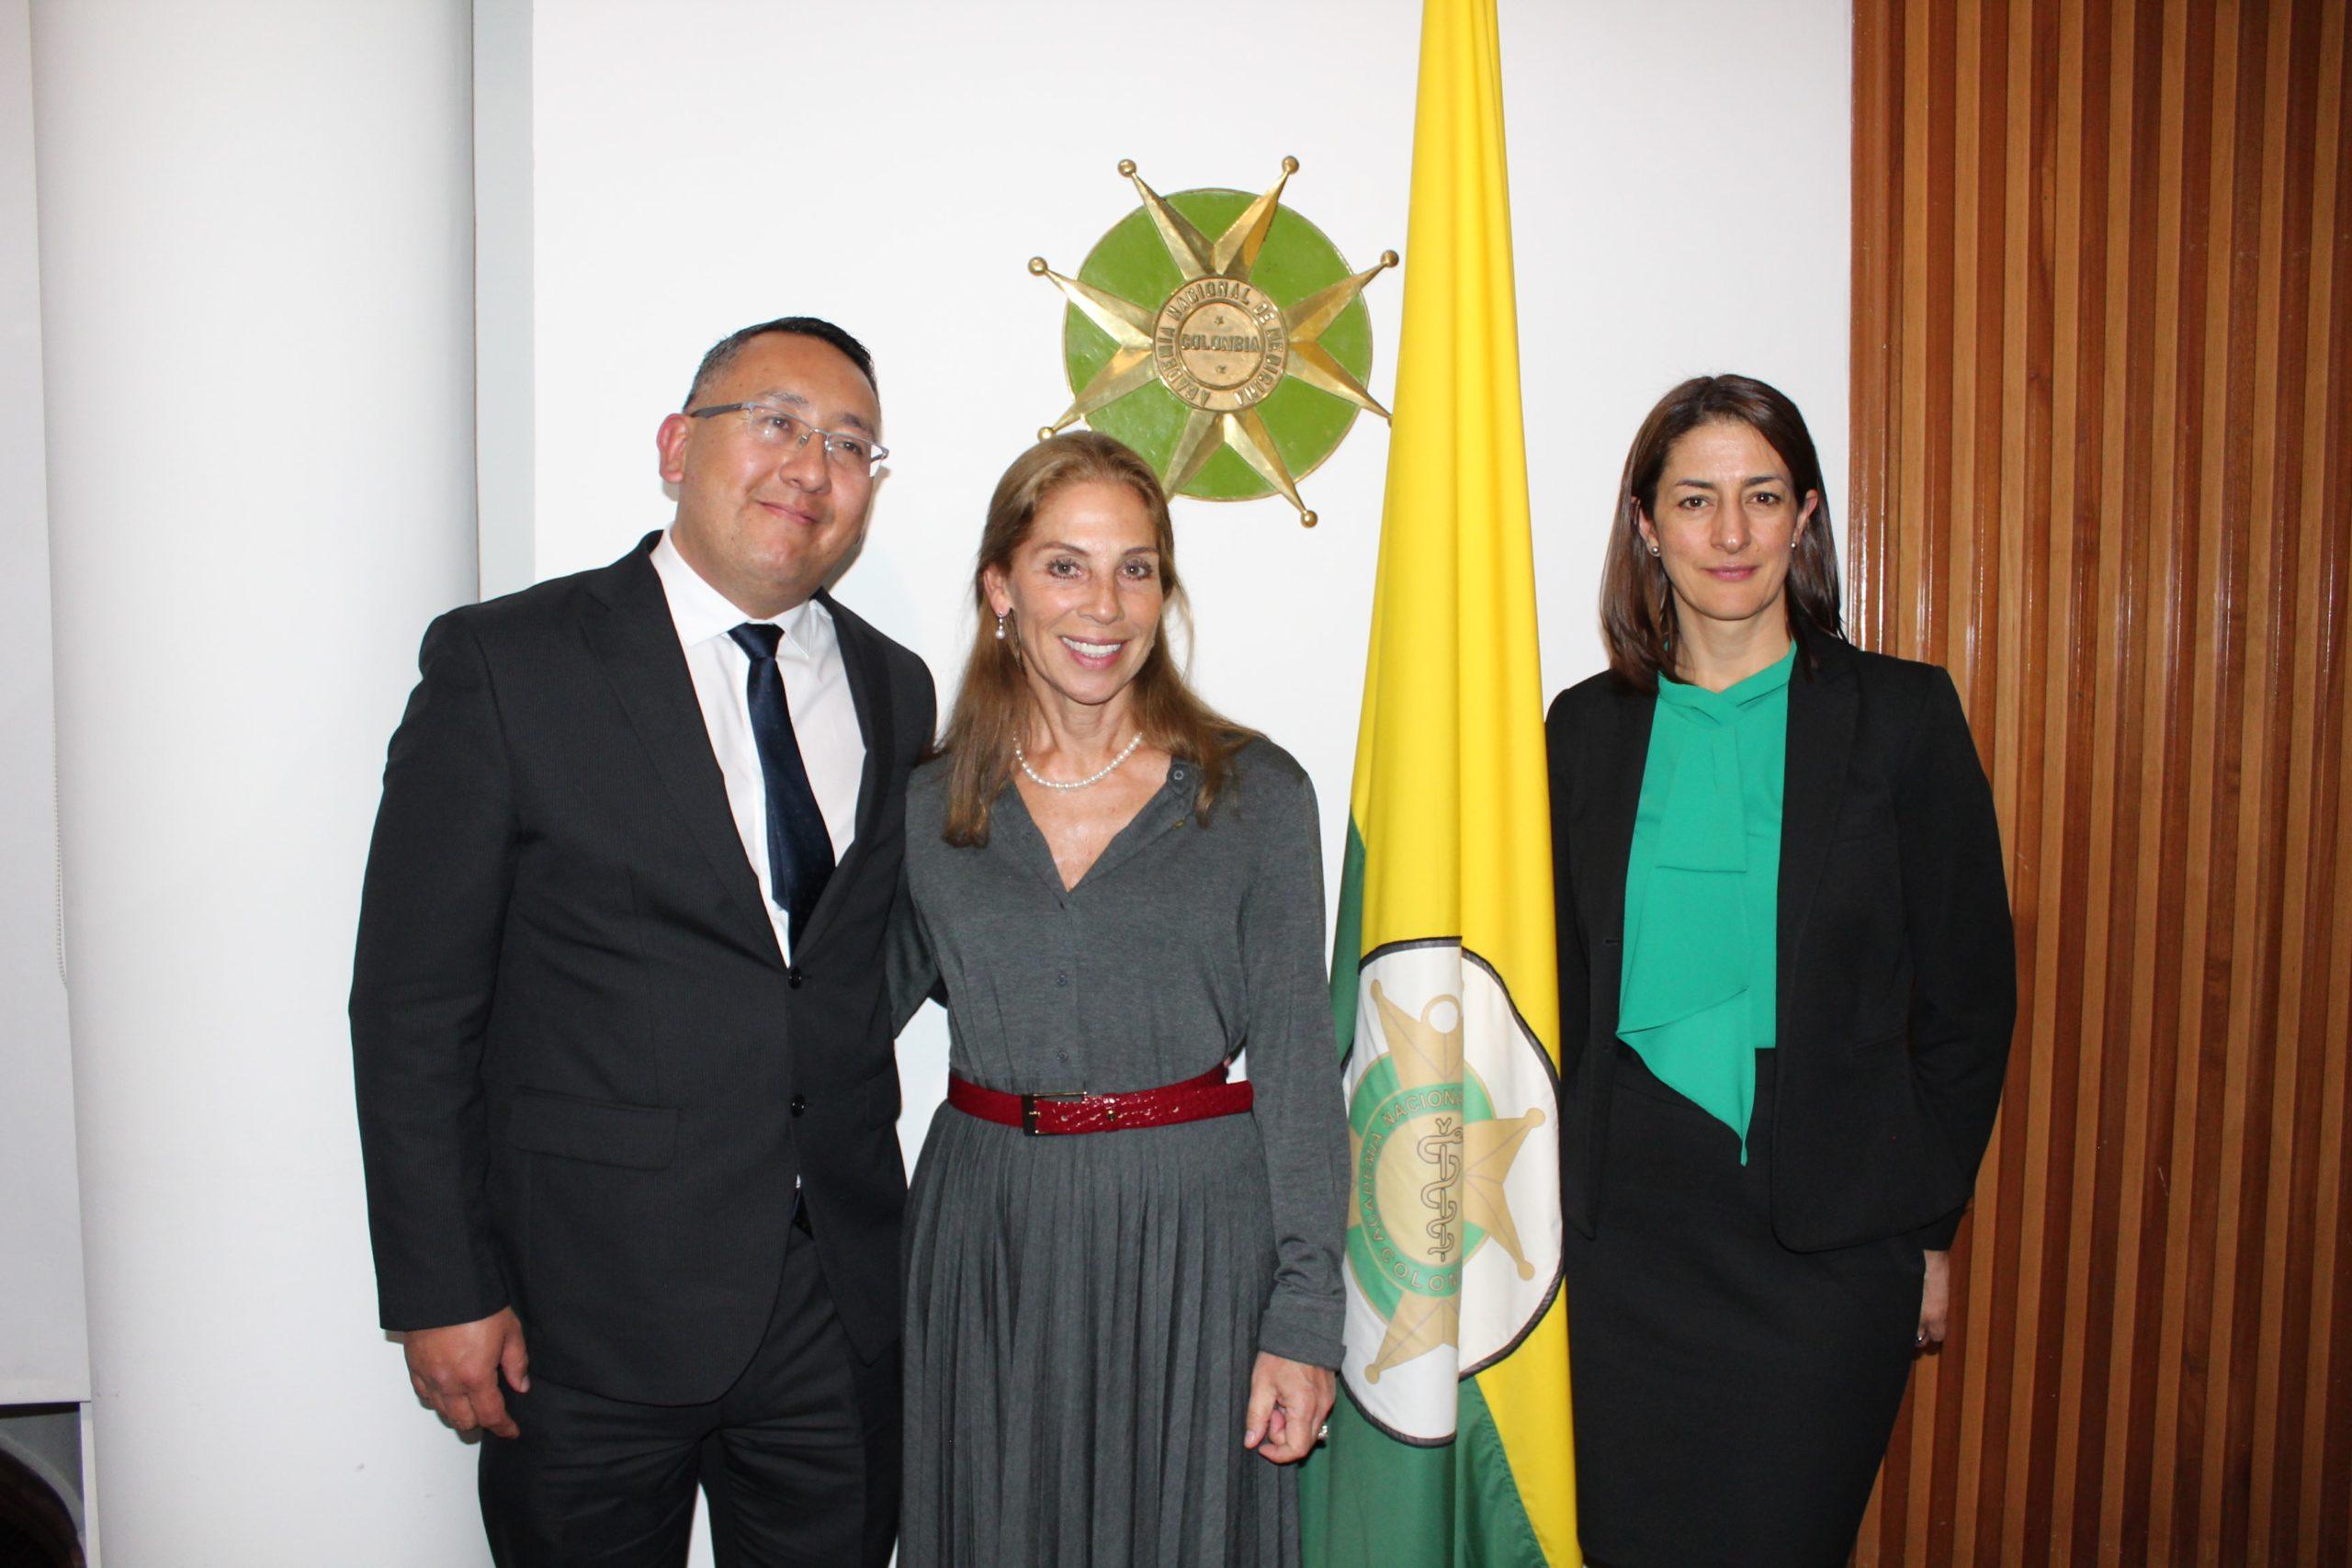 María Cristina Posada Álvarez y David López Daza, coeditores del libro